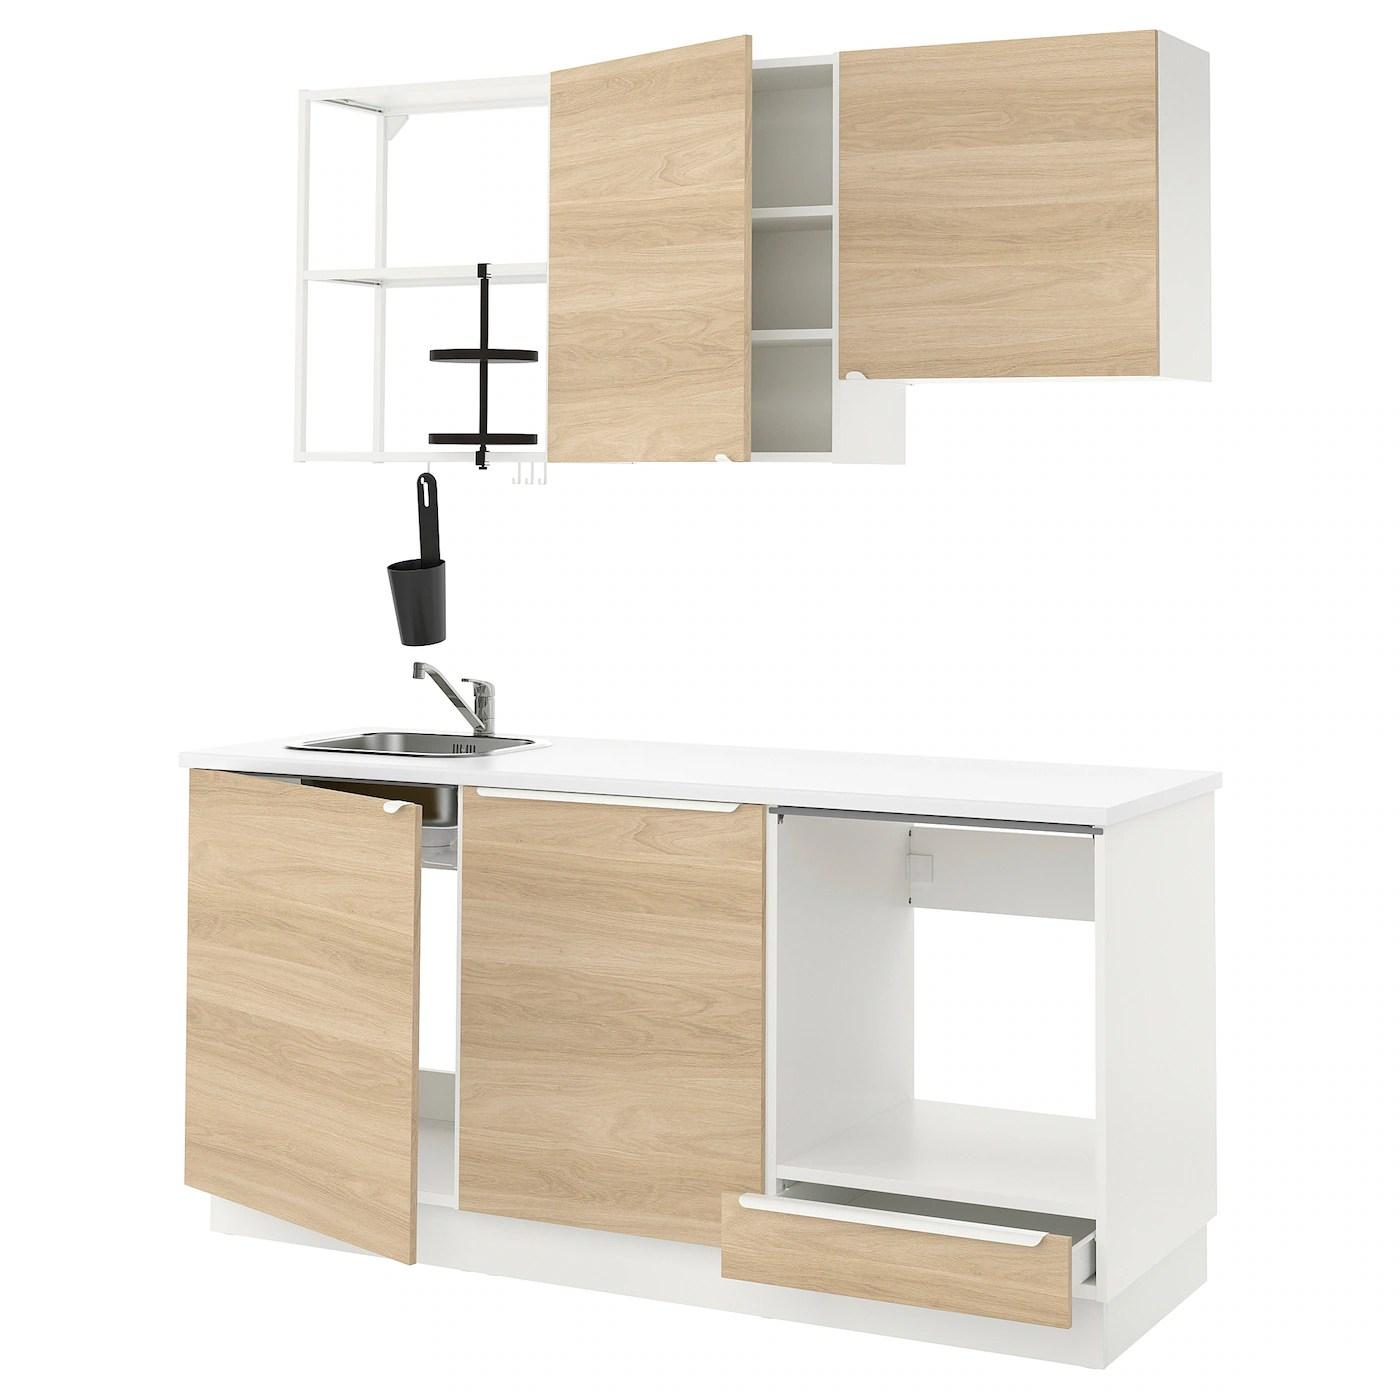 Nella collezione infatti potrai trovare piccoli mobili per cucina, mobiletti con ruote,. Cucine E Mobili Per Cucina Ikea It